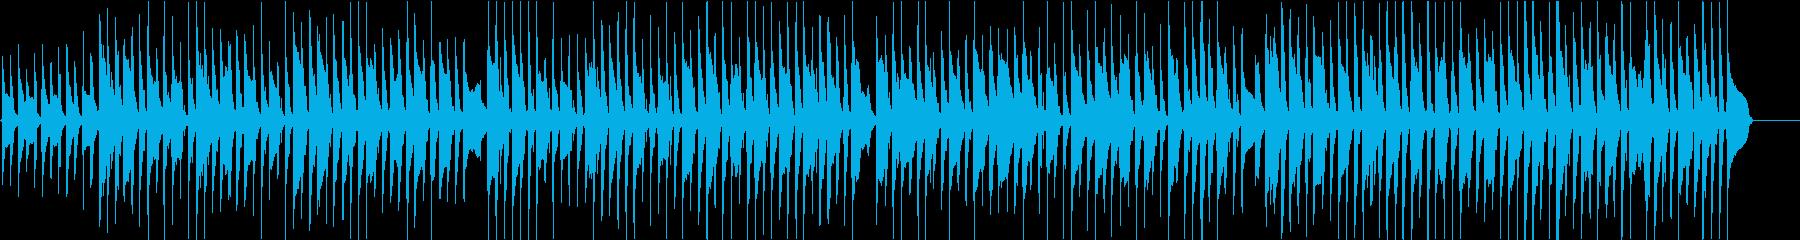 マイナー調のコミカルなアコースティックの再生済みの波形